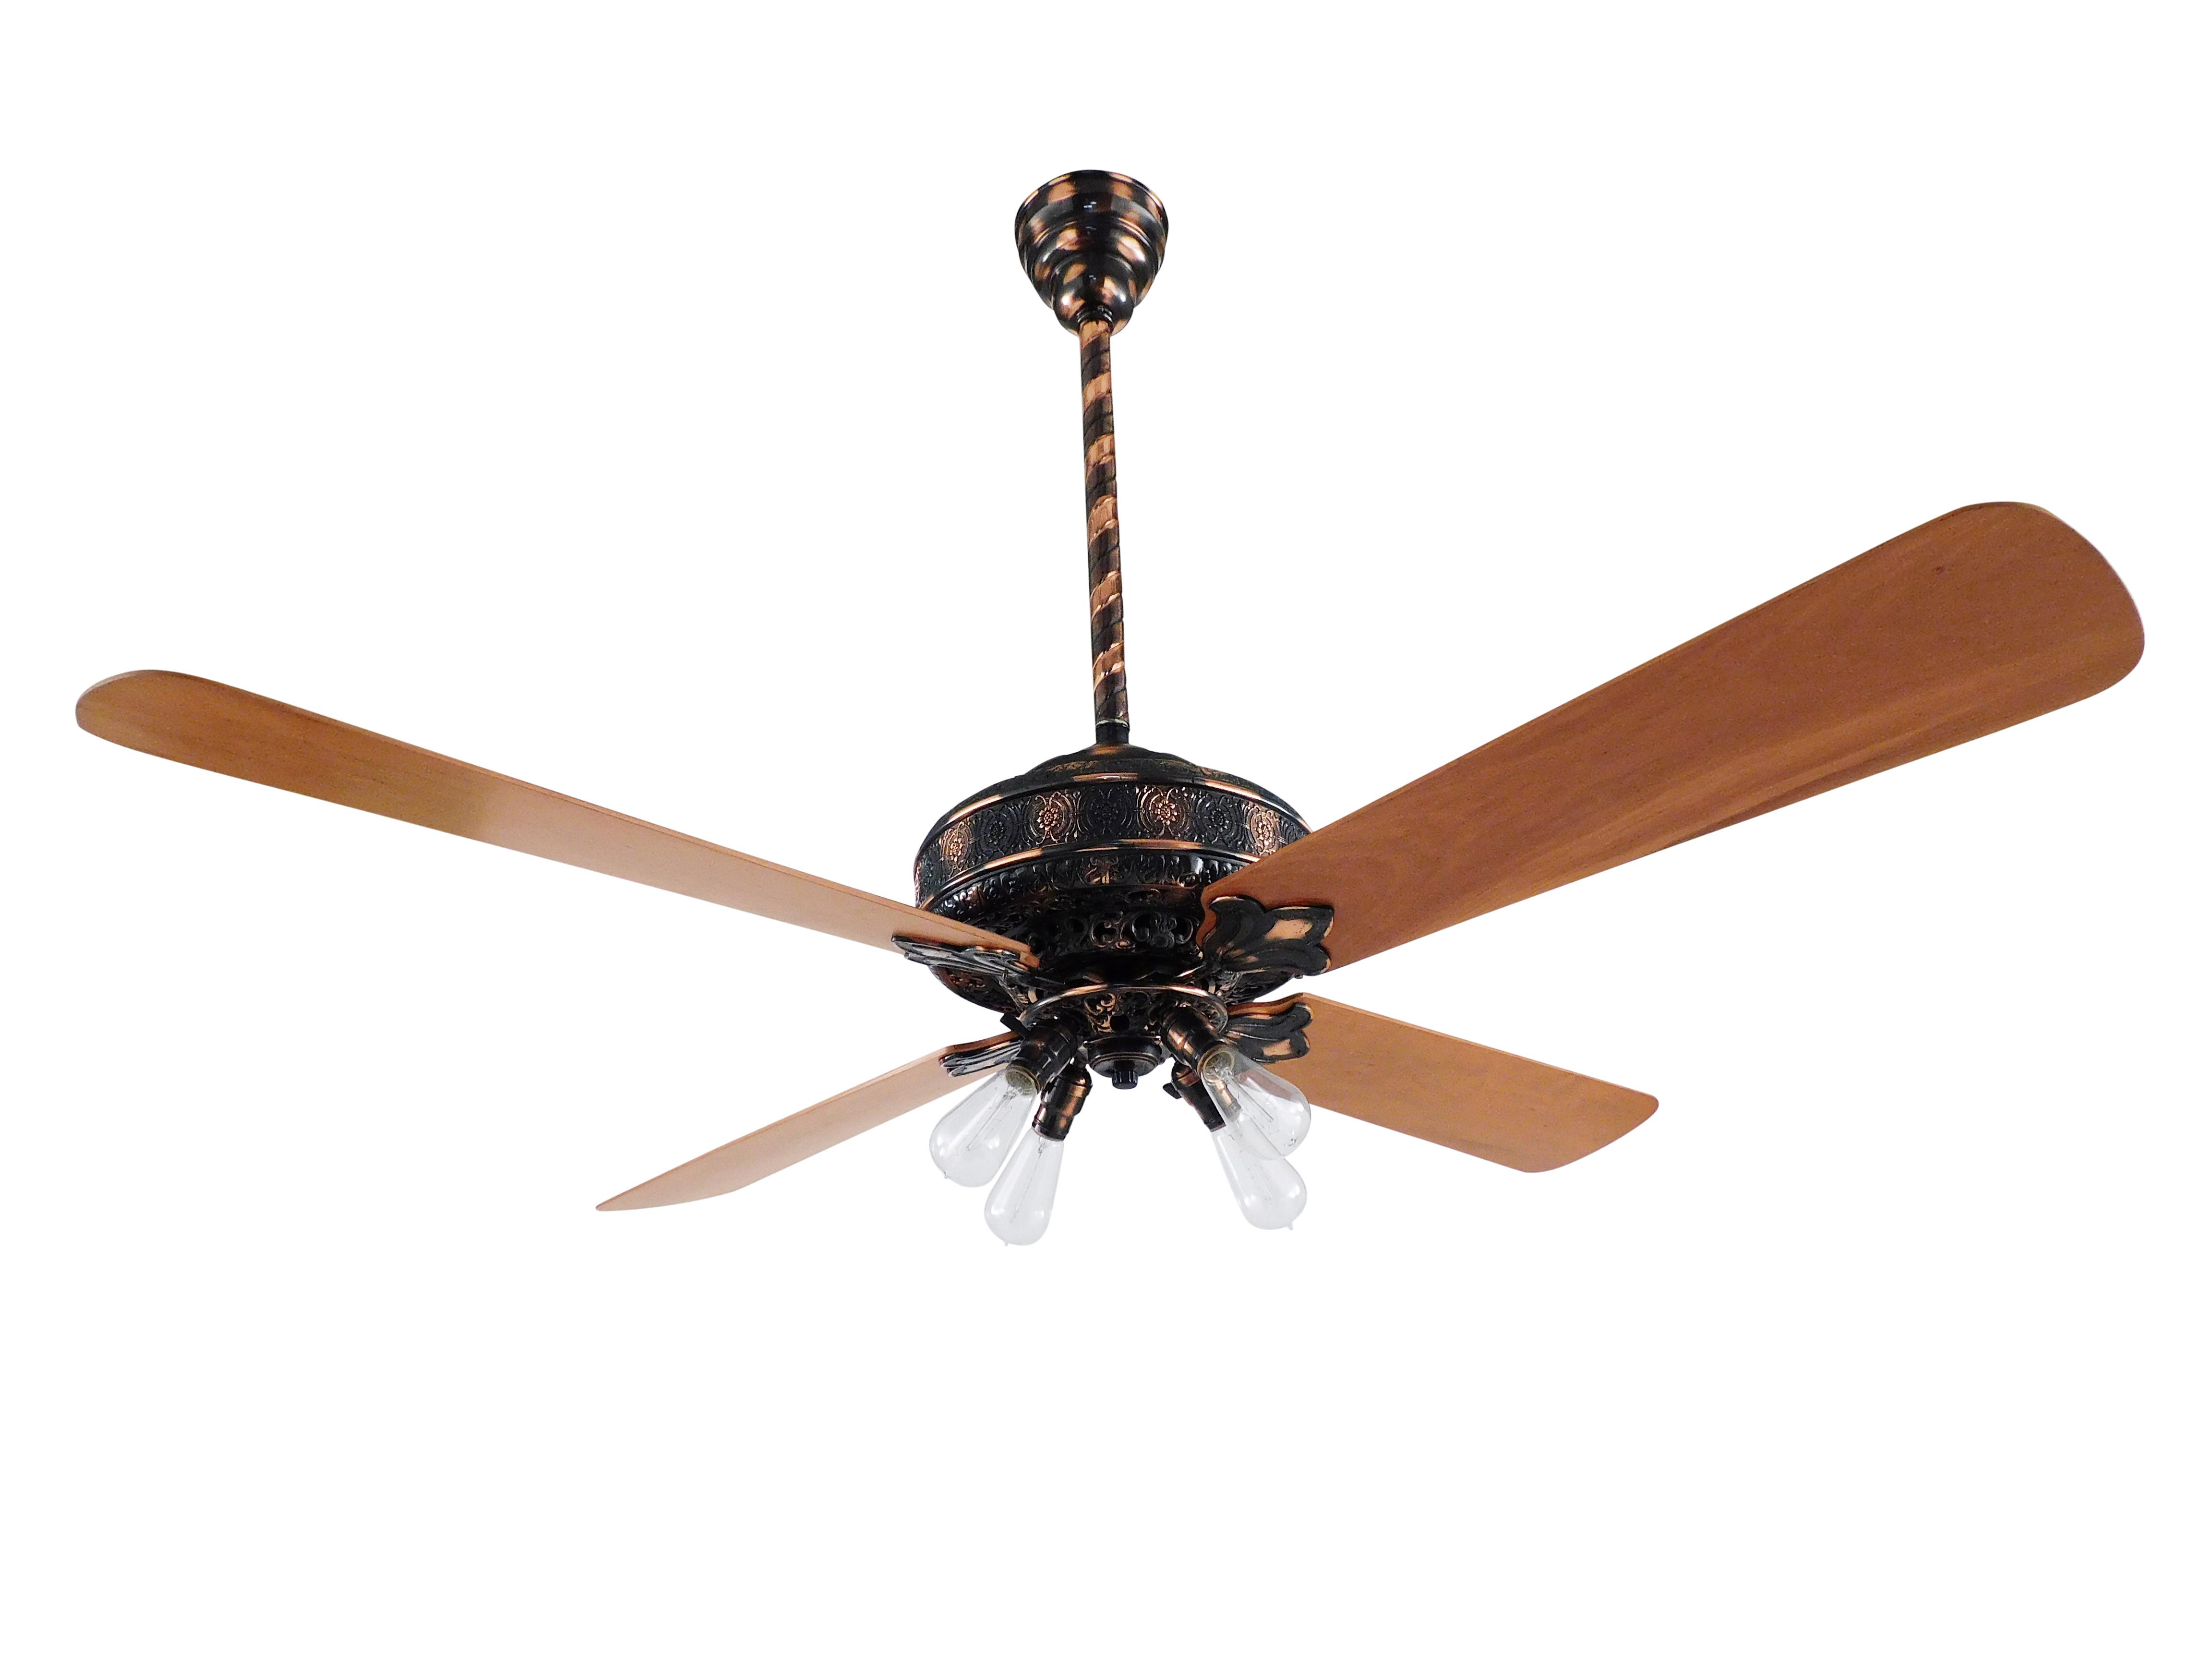 Westinghouse Deluxe Ceiling Fan Restored In Copper Oxide